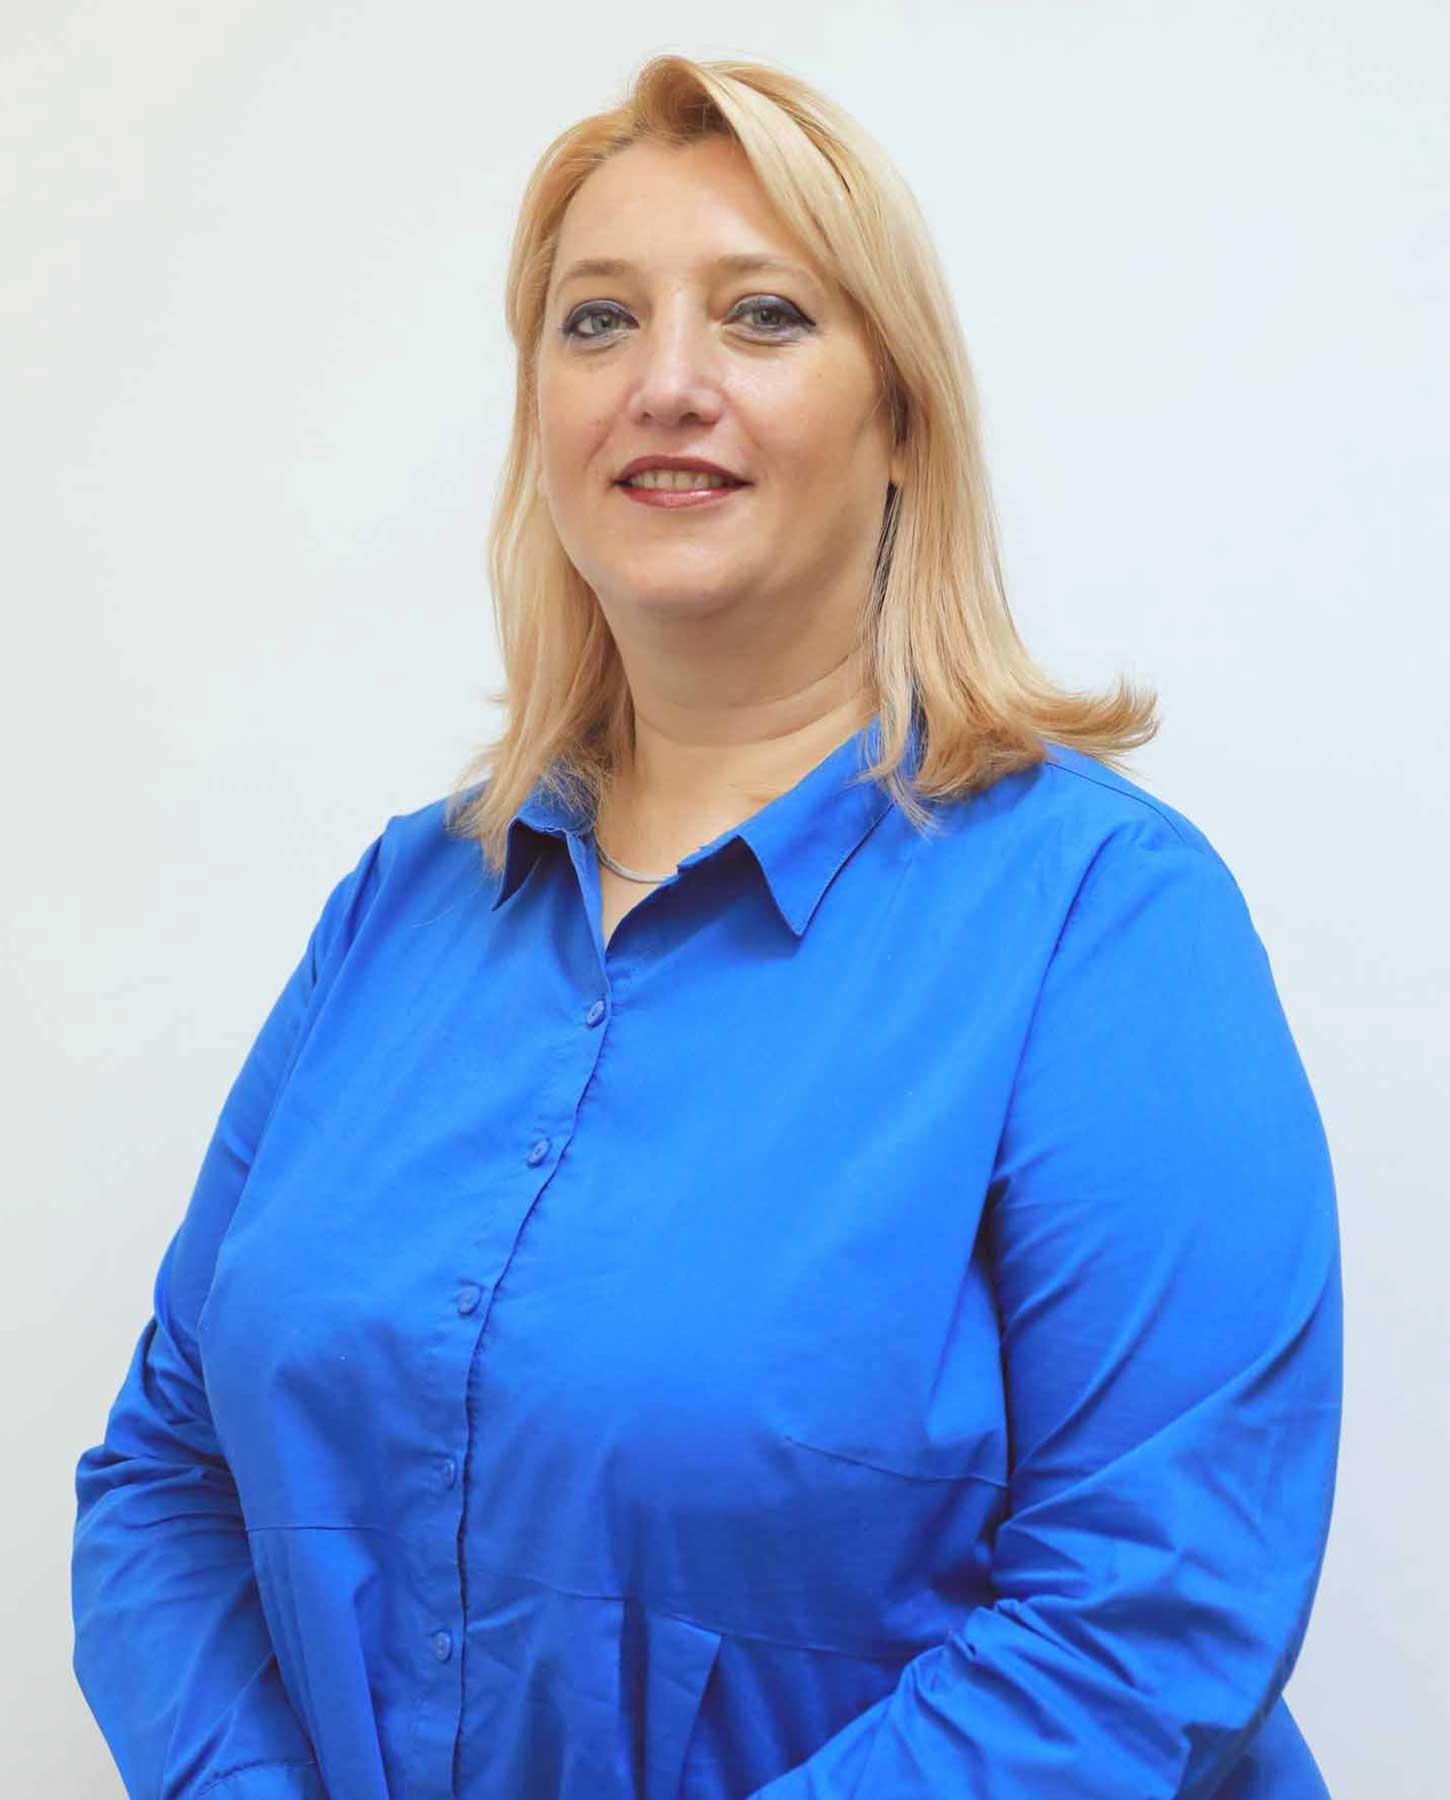 Adela hanafi